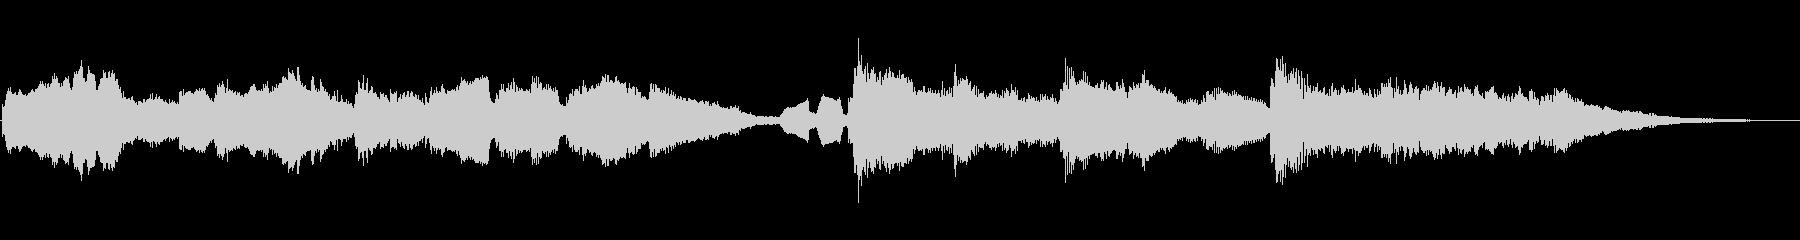 和風ジングル/篠笛とピアノ 綺麗で切ないの未再生の波形